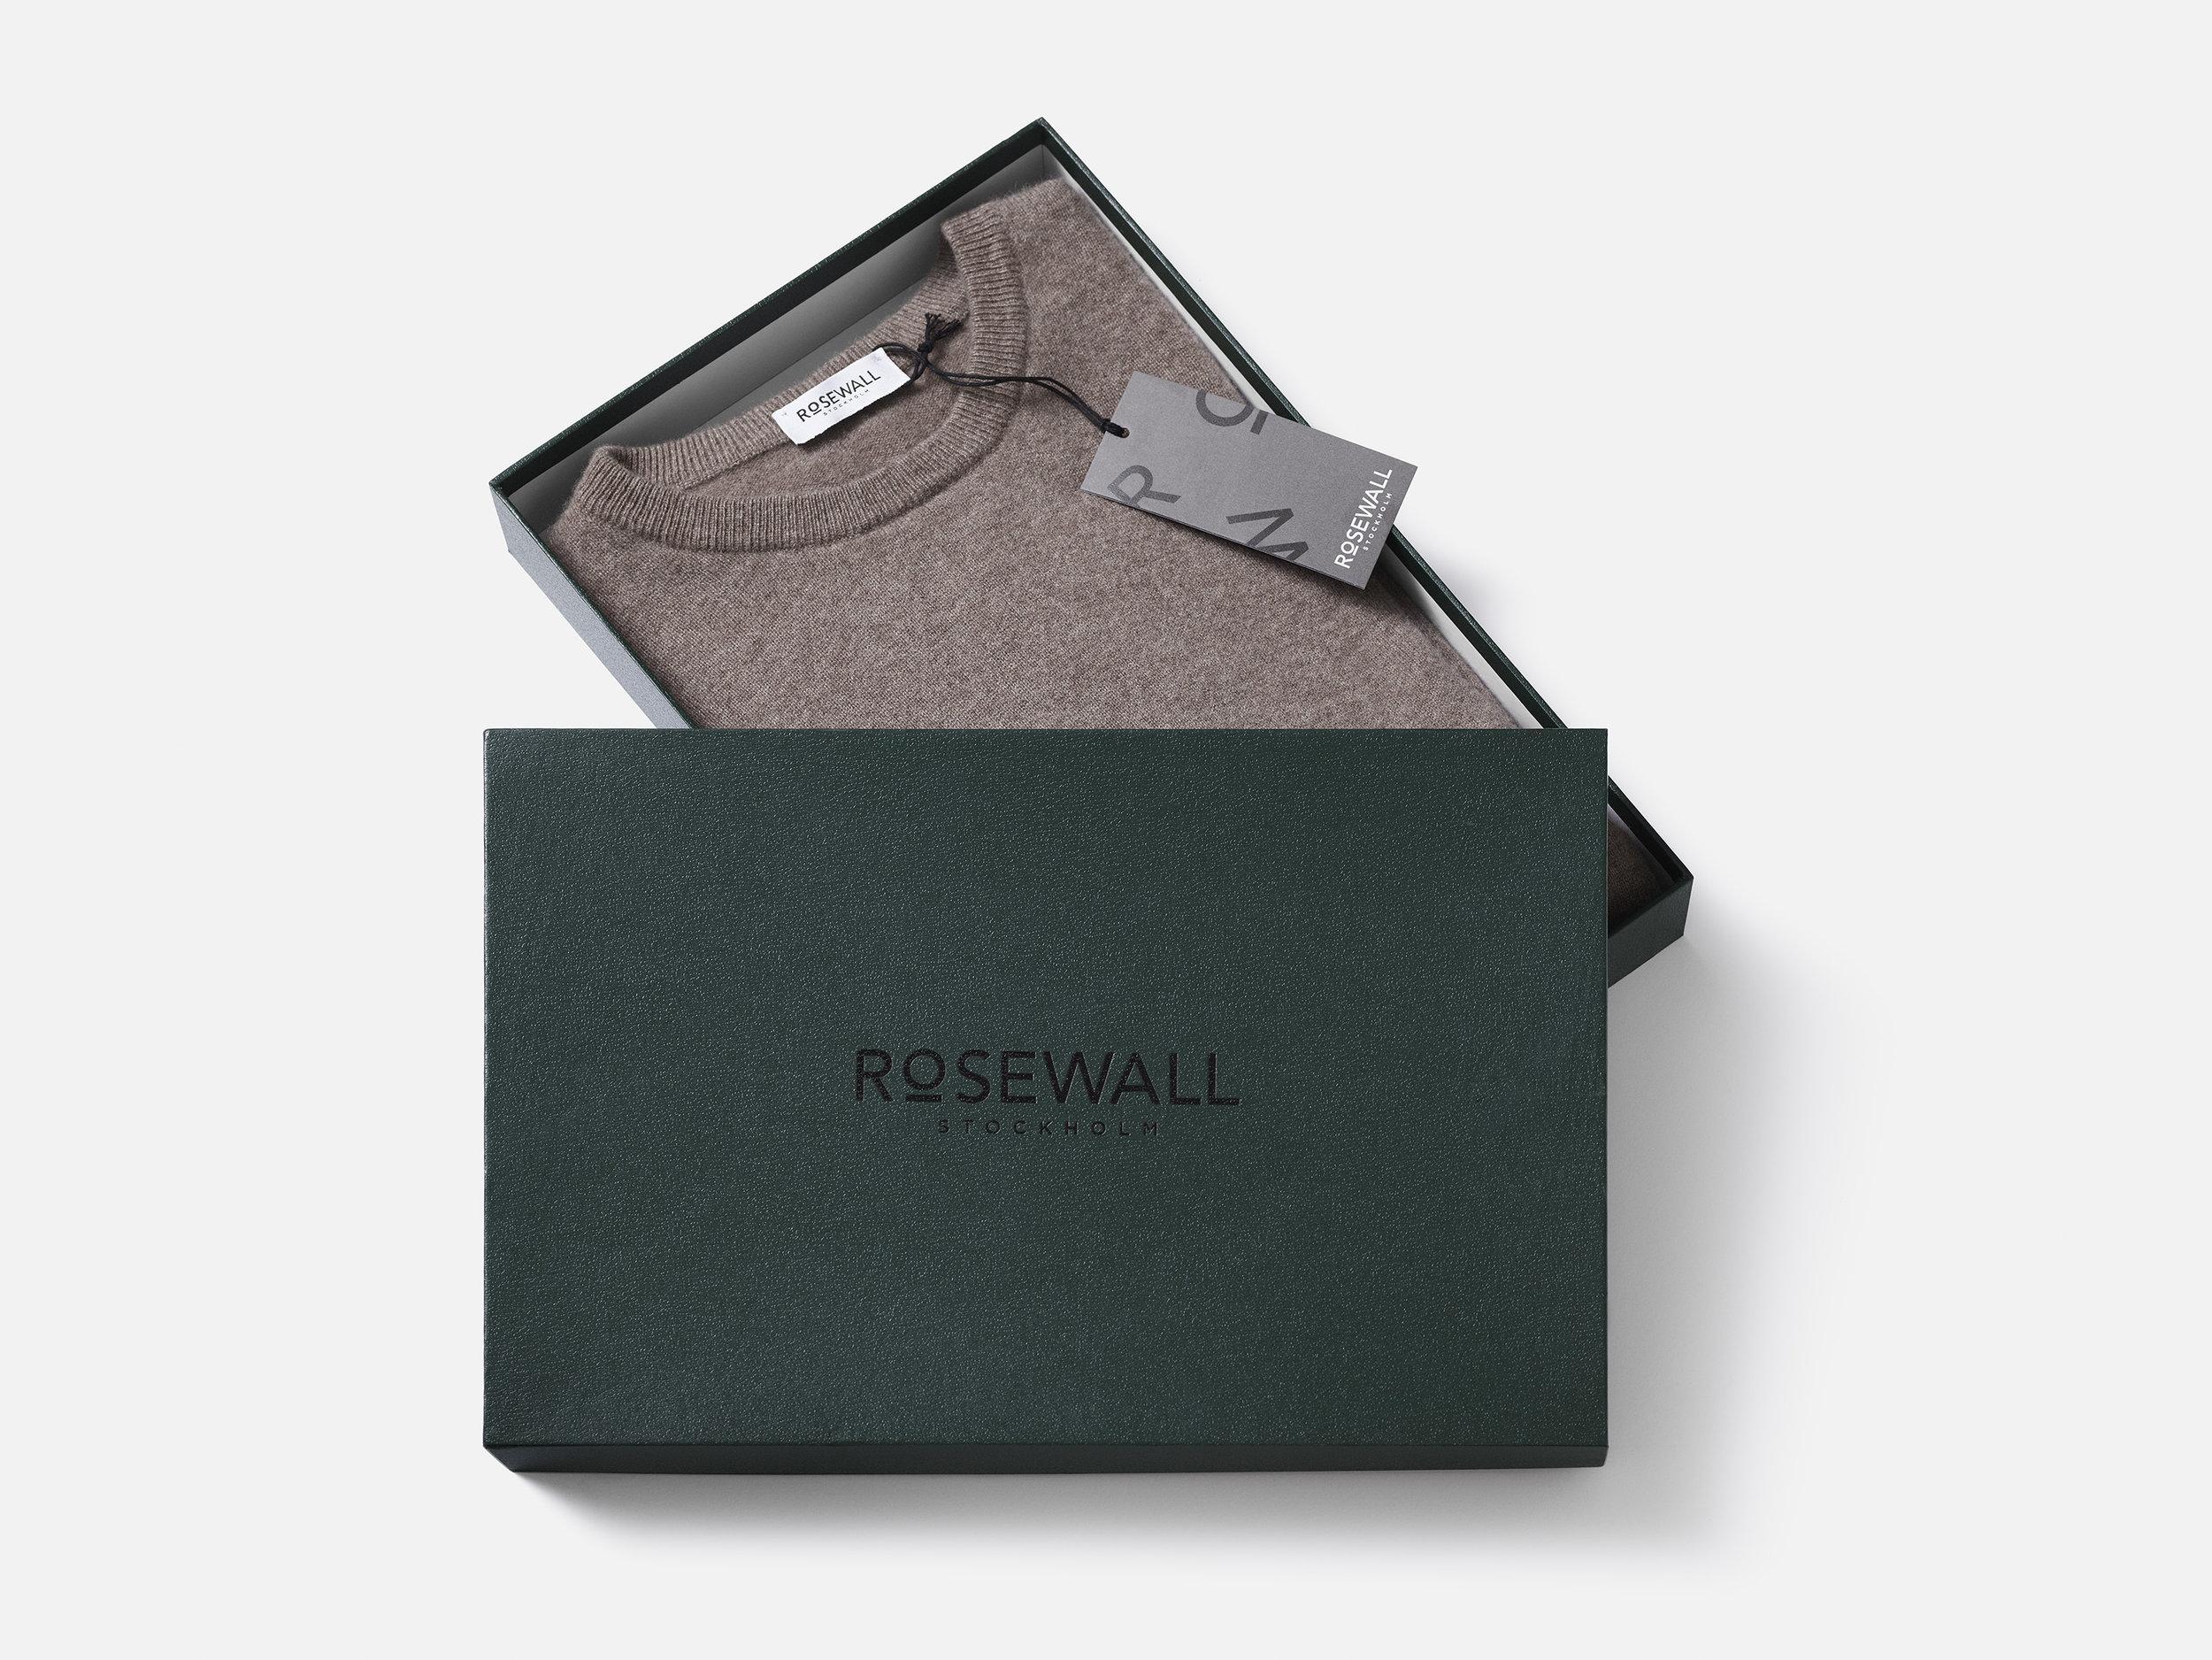 Rosewall-44518.jpg